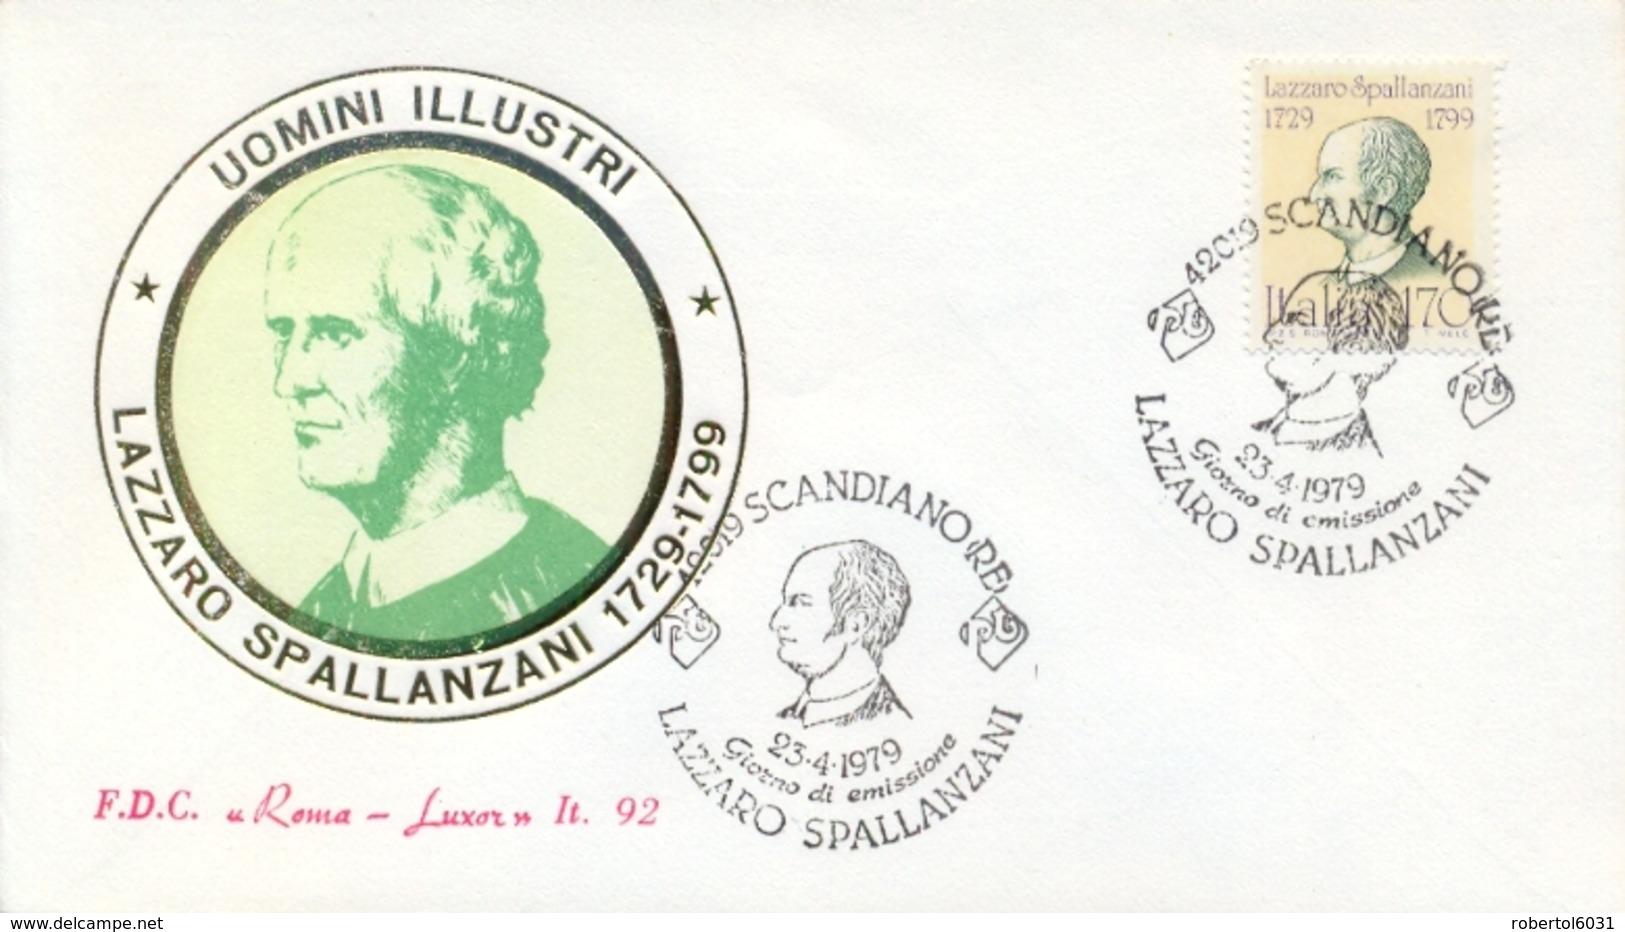 Italia Italy 1979 FDC ROMA LUXOR 250th Anniversary Birth Lazzaro Spallanzani Physiologist And Zoologist - Medicina